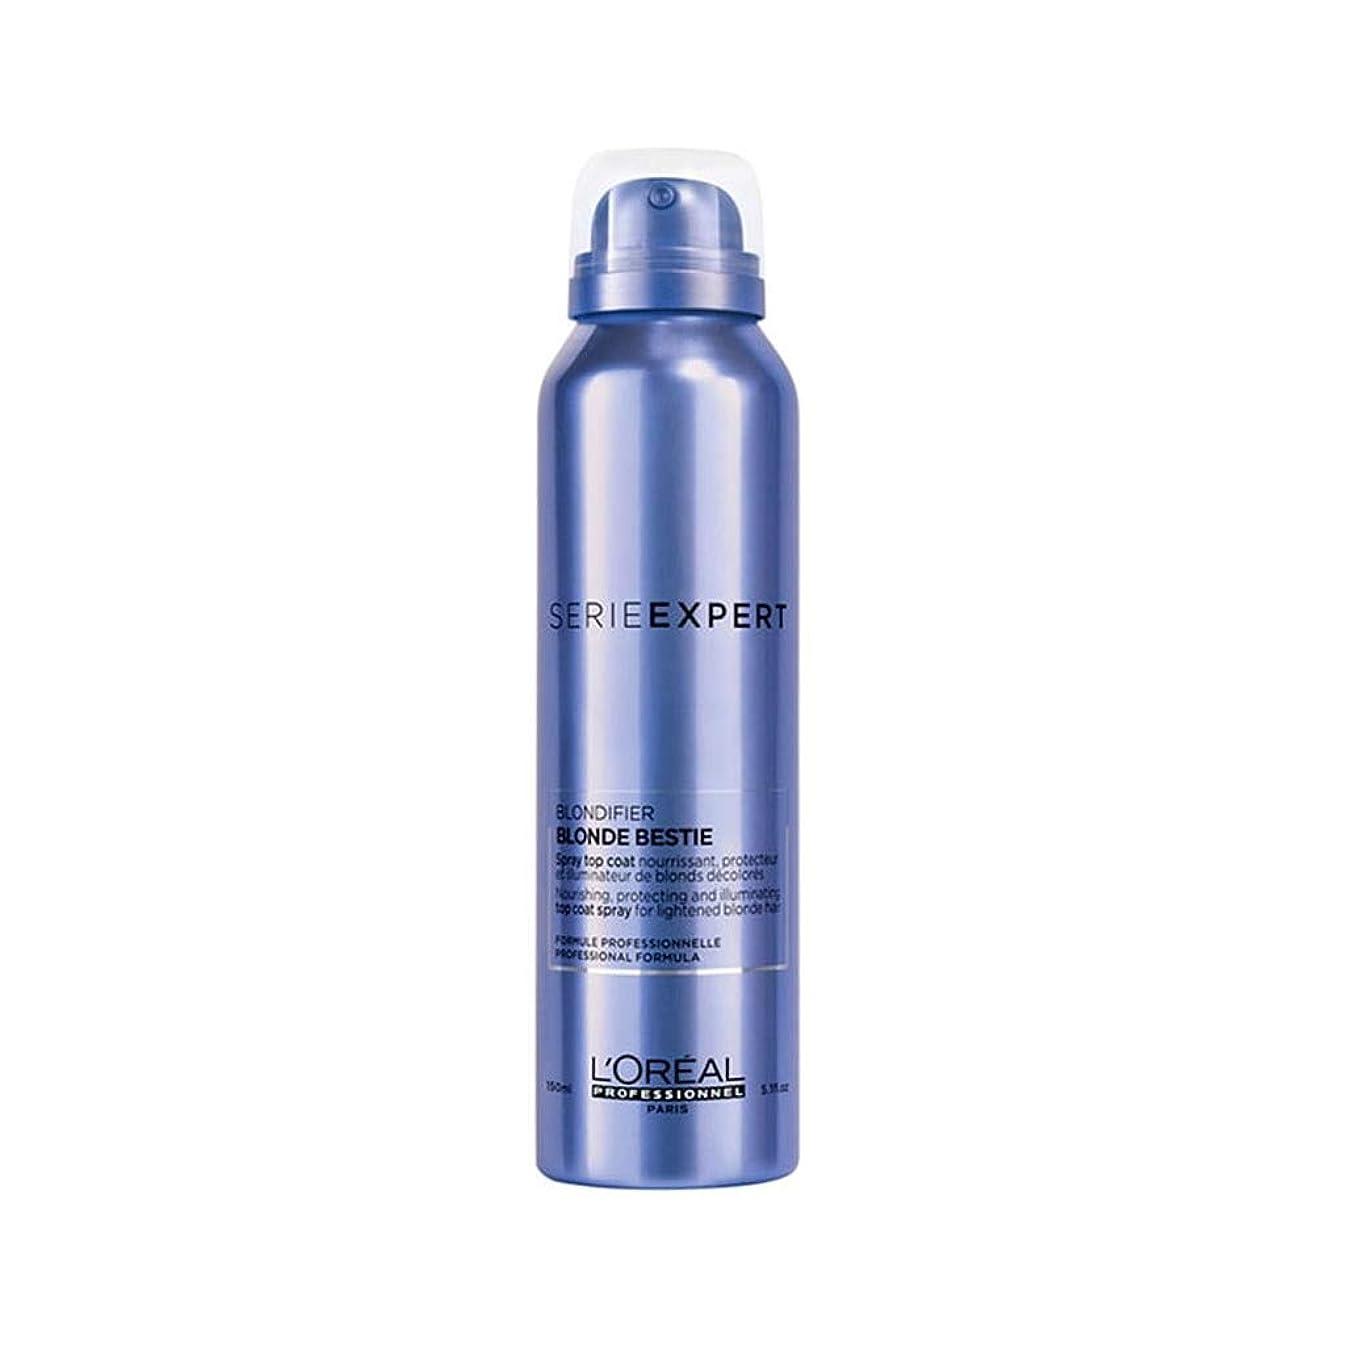 ハーブ有名好奇心盛ロレアル セリエ エクスパート ブロンディファイア ブロンド ベスティー スプレー L'Oreal Serie Expert Blondifier Blond Bestie Spray 150 ml [並行輸入品]